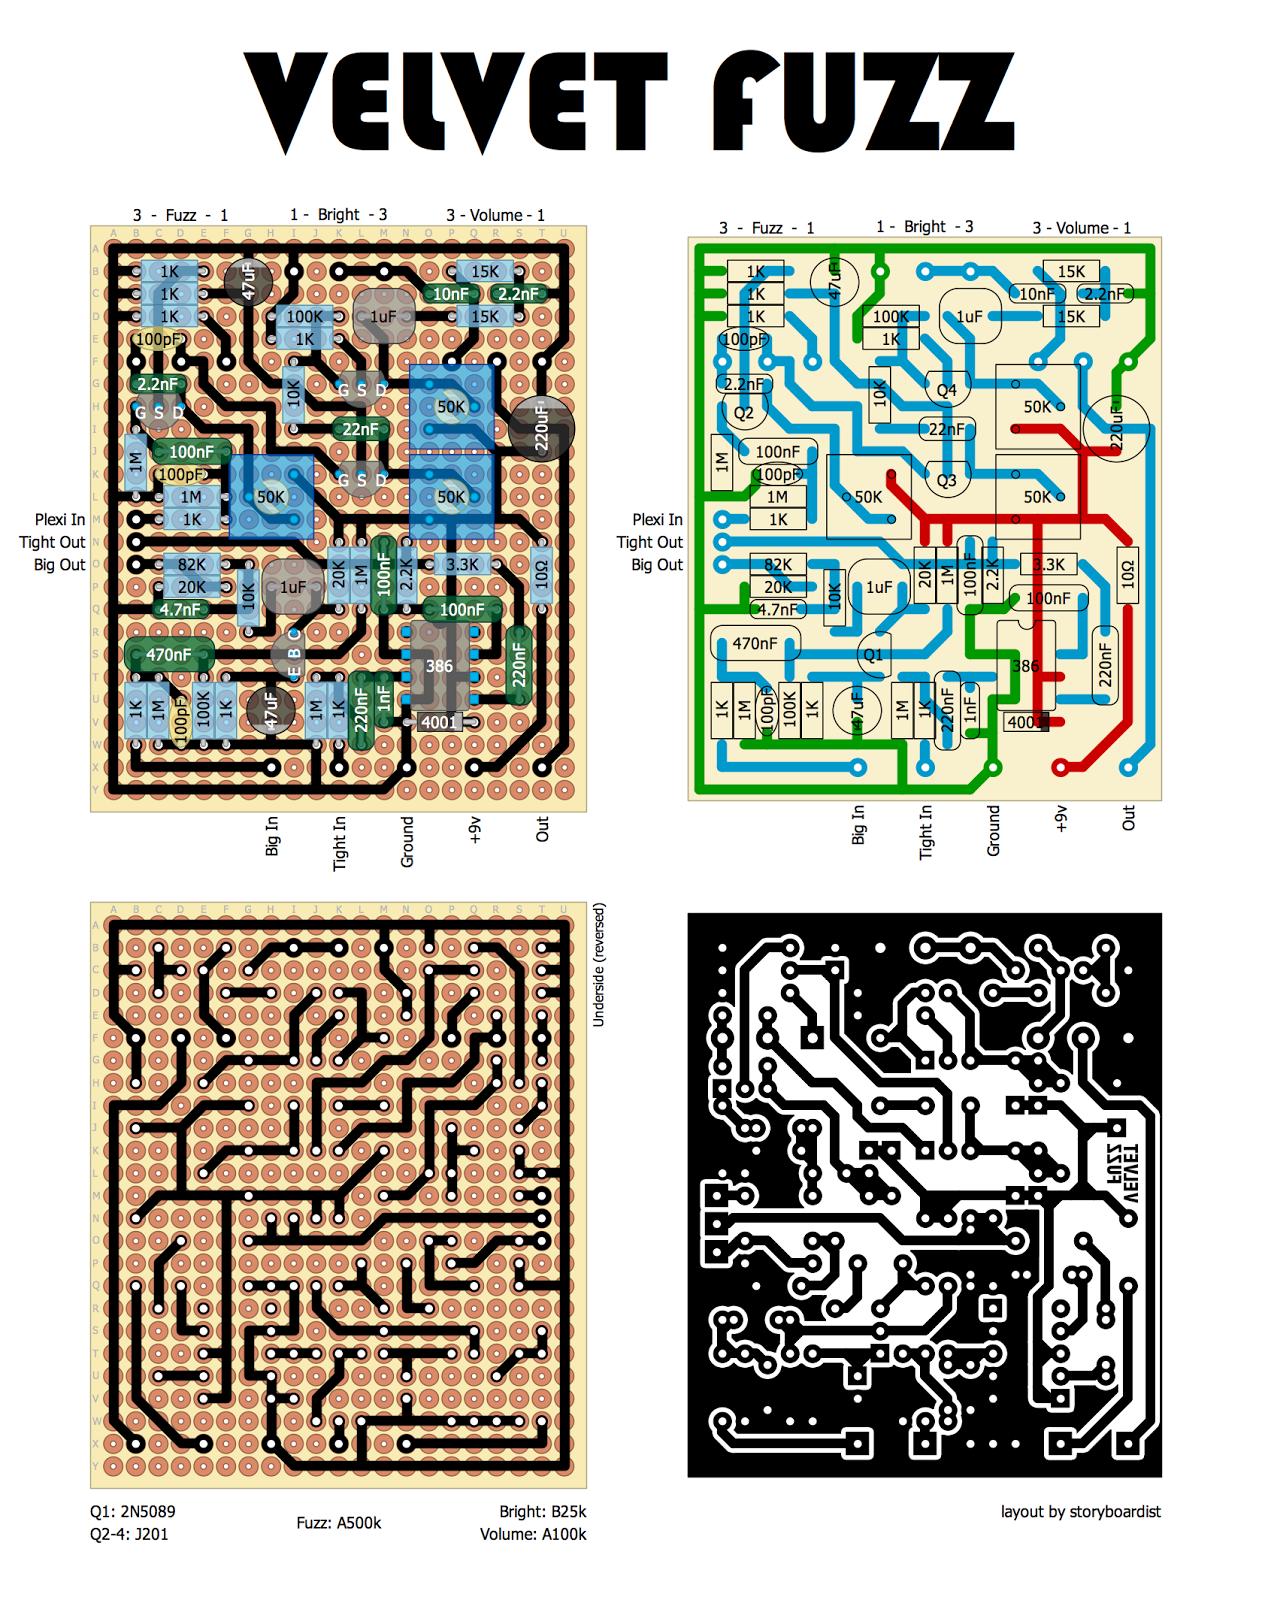 Wampler%2BVelvet%2BFuzz Wampler Velvet Fuzz Schematic on 11 amp schematic, ocd pedal schematic, standard fuzz schematic, weber schematic, bogner schematic, plexi amp schematic, soldano gto schematic, guitar compressor schematic, pete cornish schematic, lovepedal amp schematic,